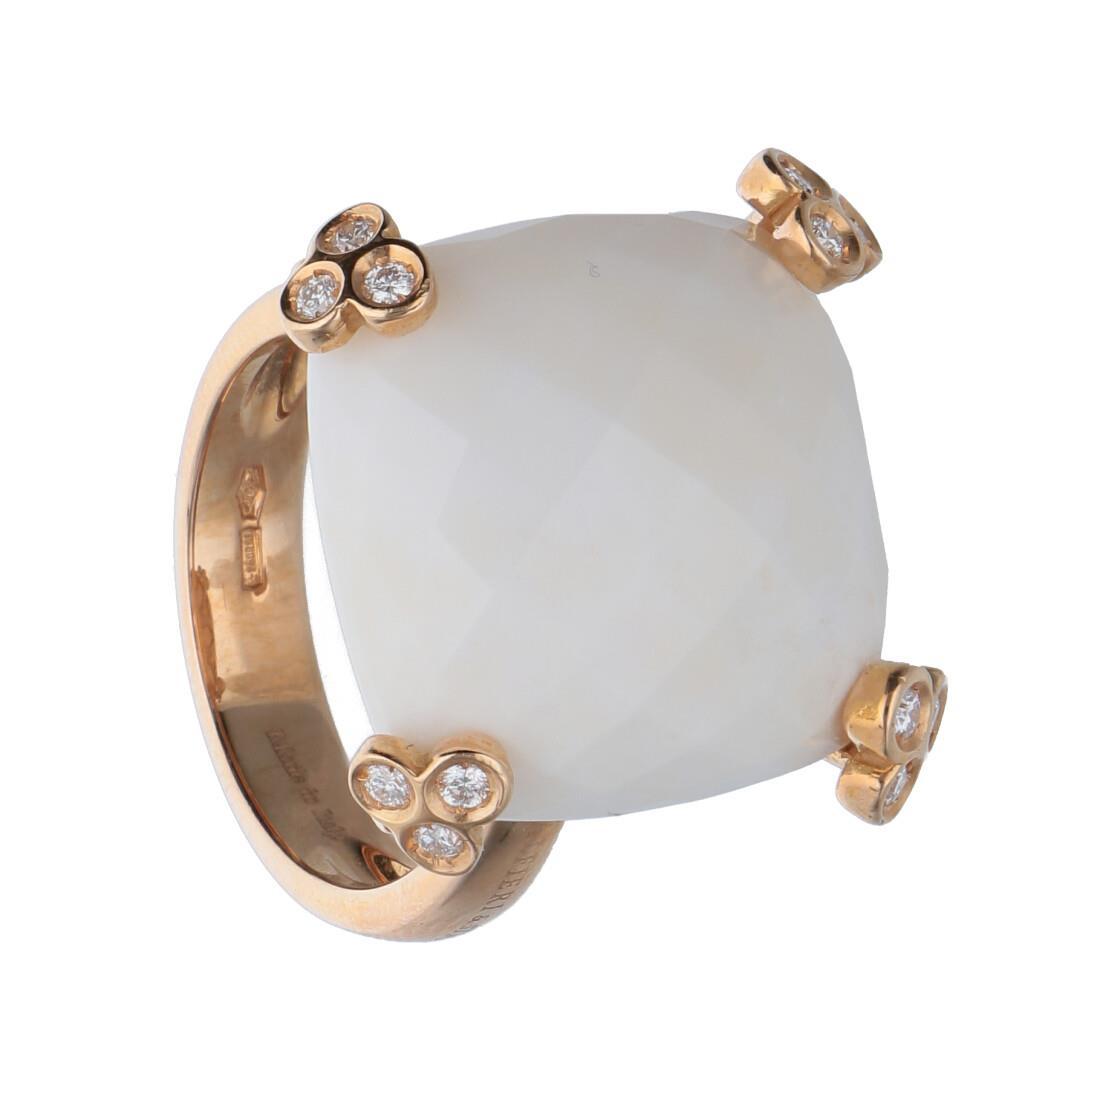 Anello in oro rosa con opale e diamanti mis 14.5 - ALFIERI & ST. JOHN